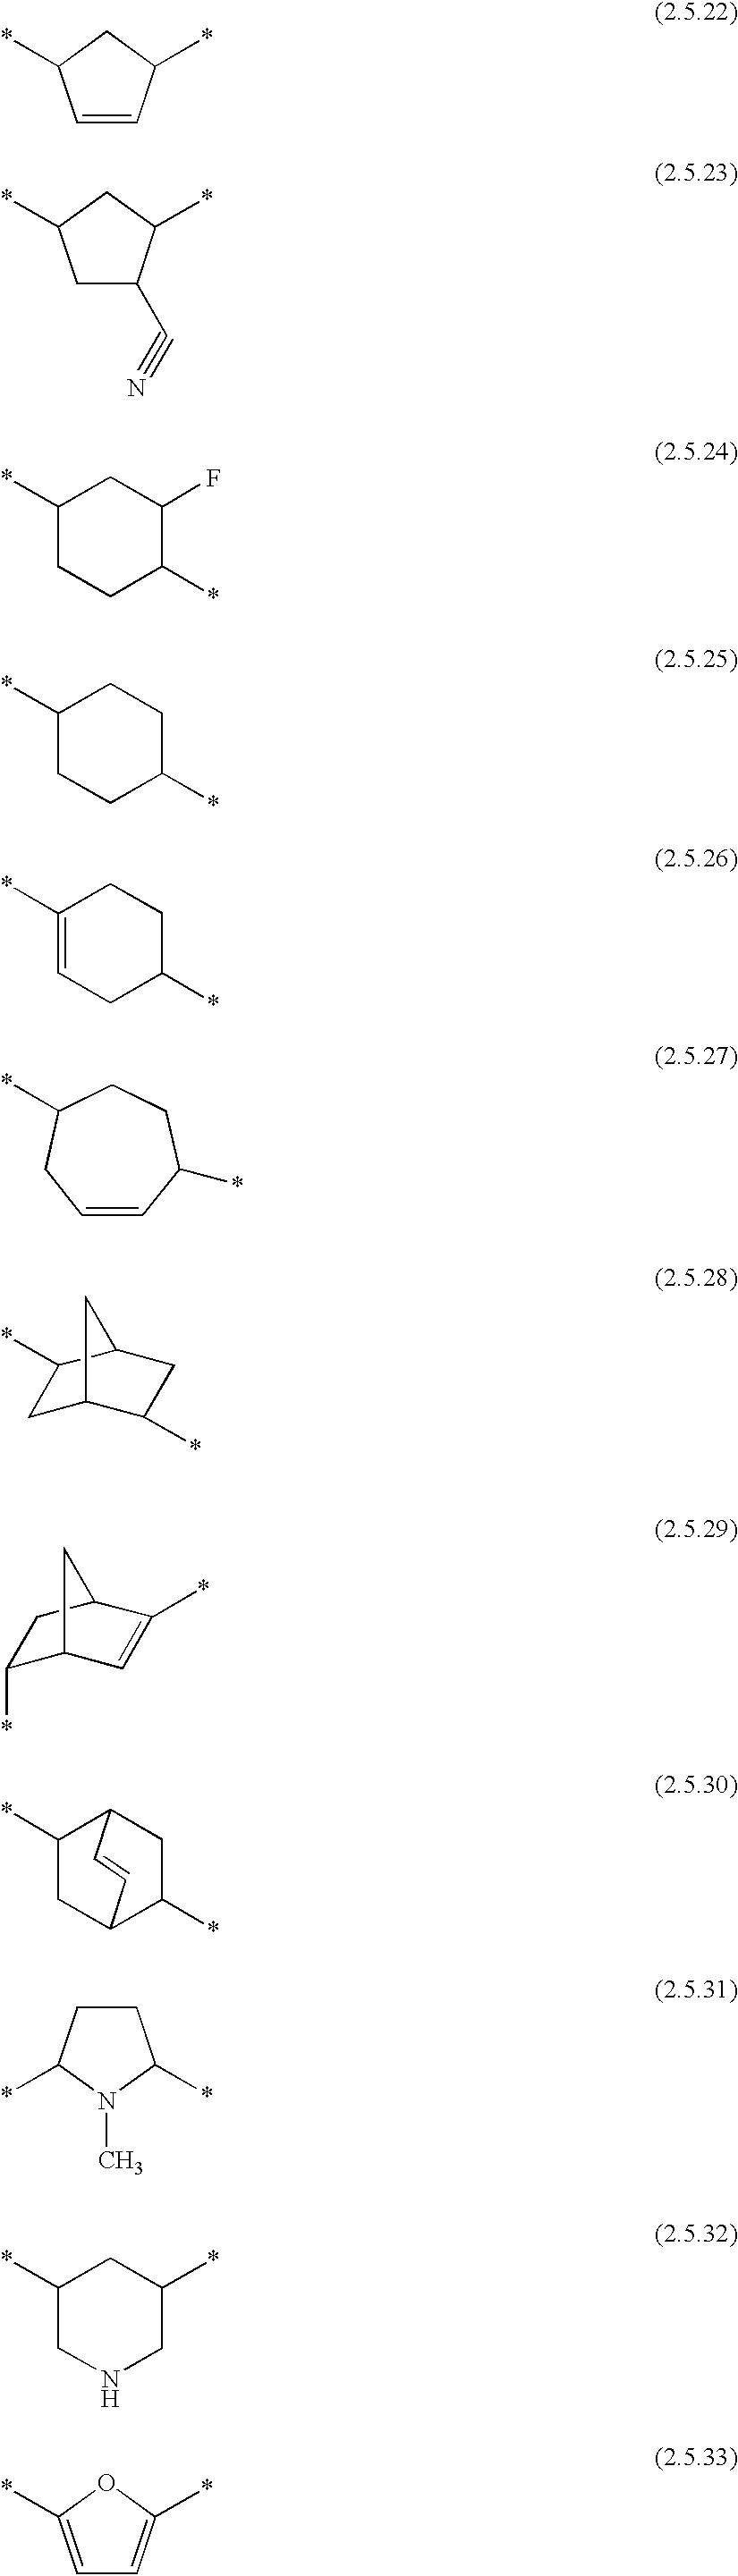 Figure US20030186974A1-20031002-C00333